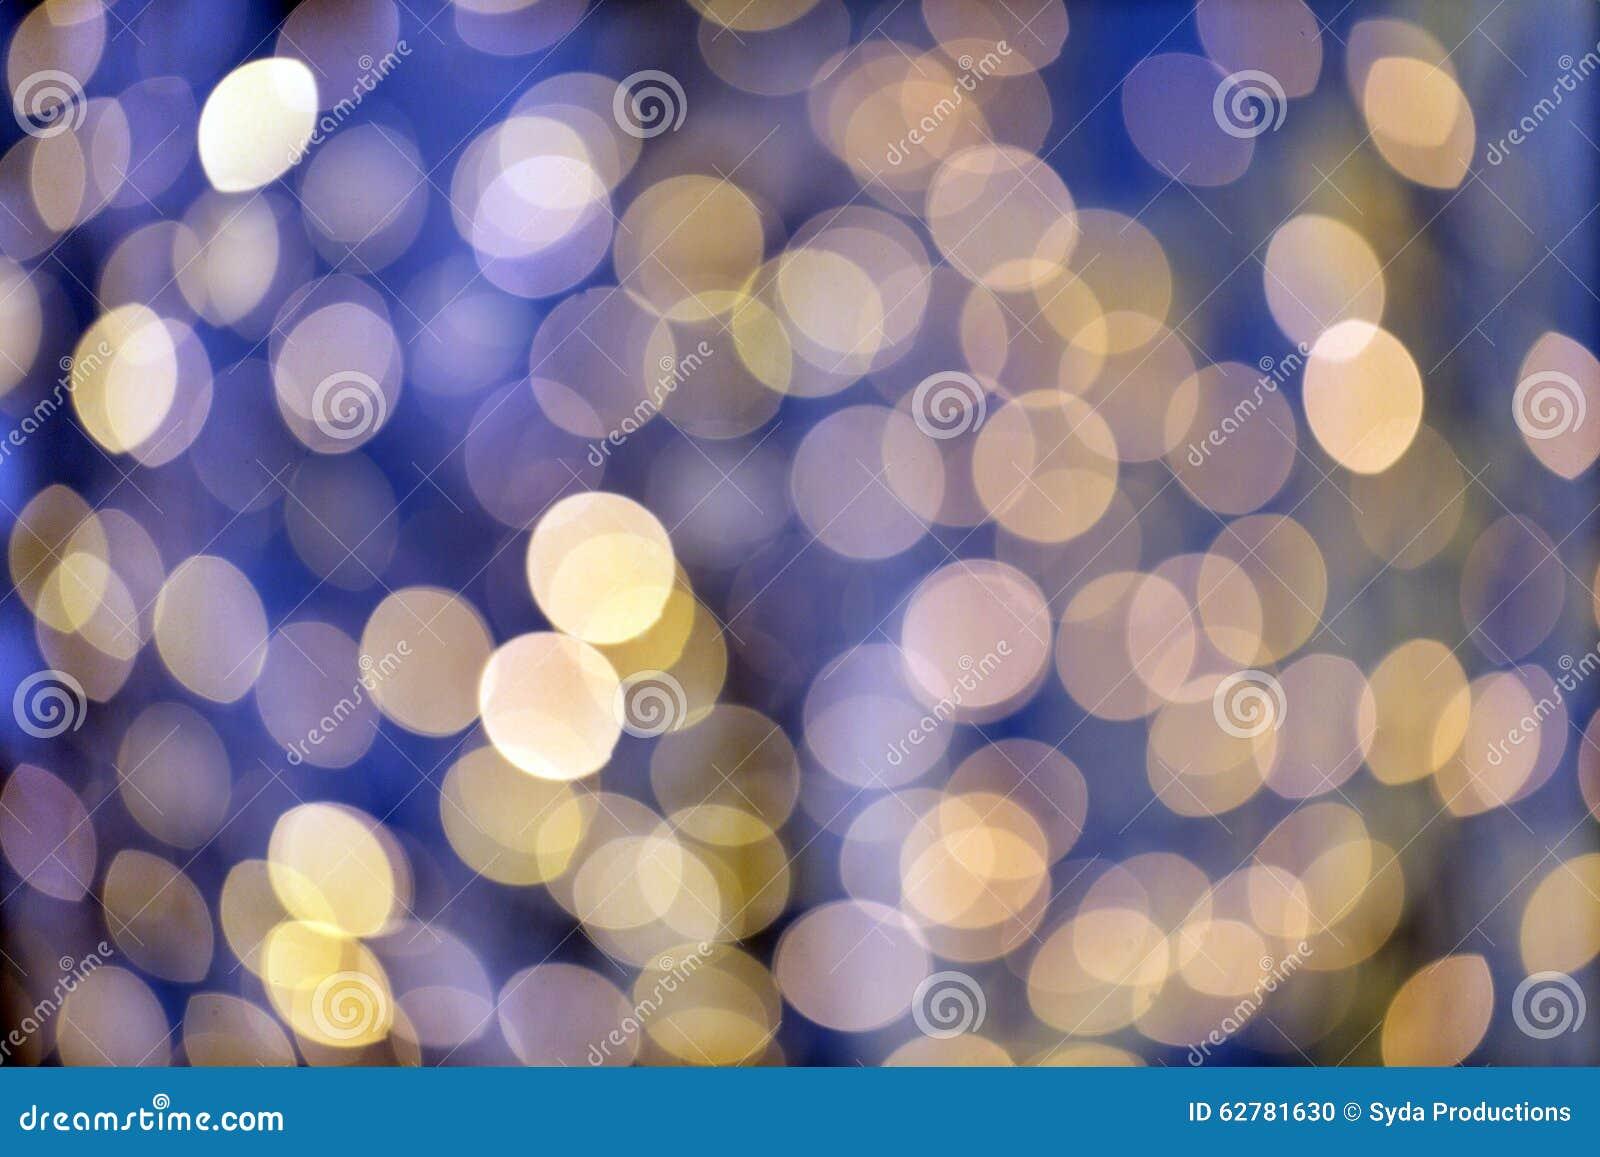 Mr Christmas Lights And Sounds